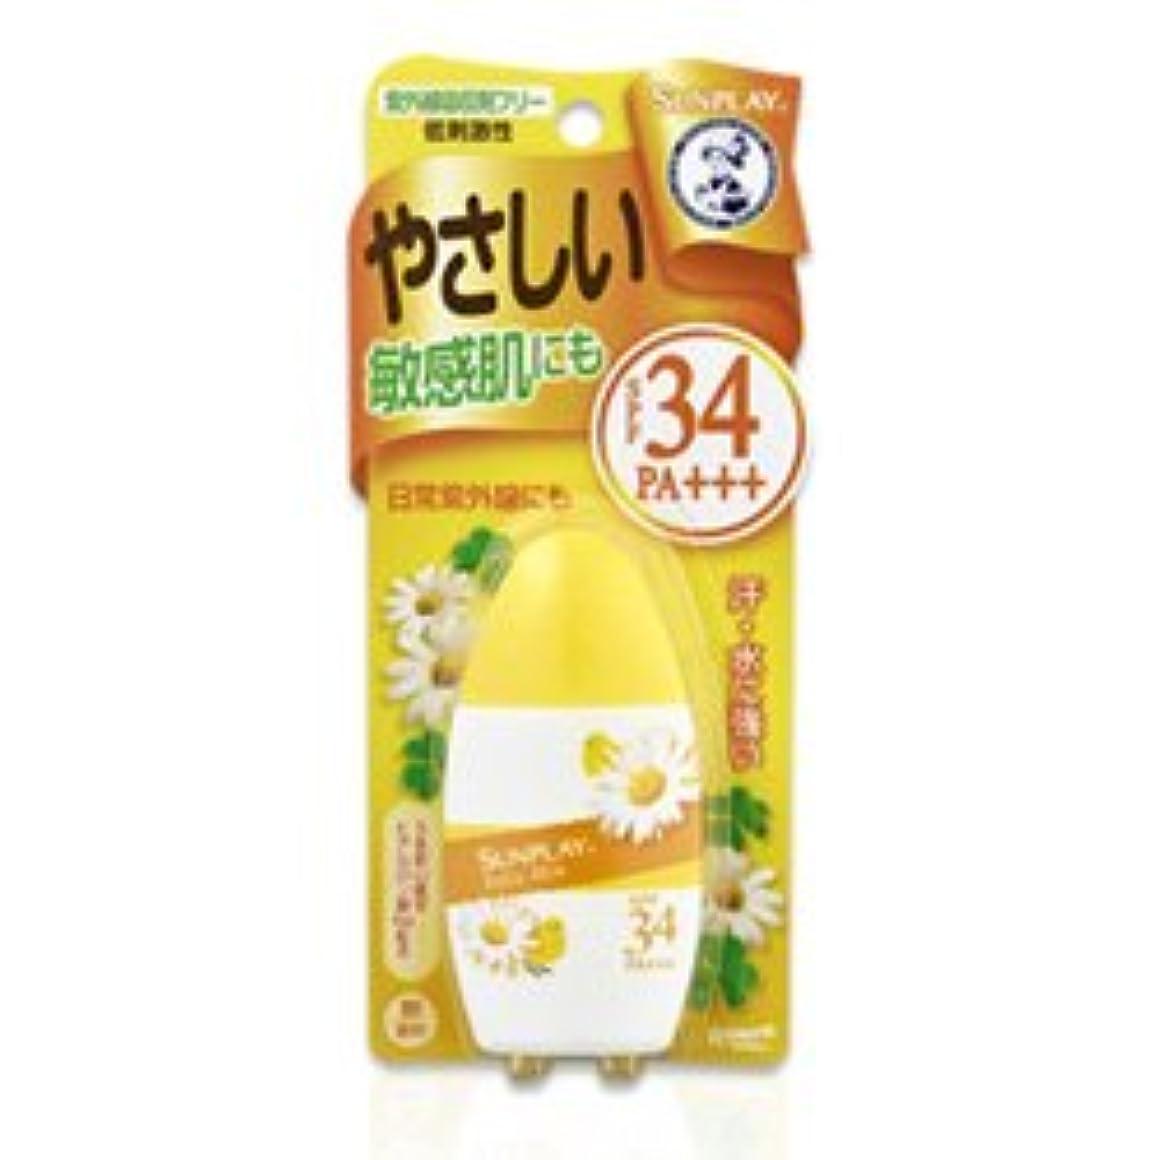 詩レイアウト牛【ロート製薬】メンソレータム サンプレイ ベビーミルク 30g ×20個セット